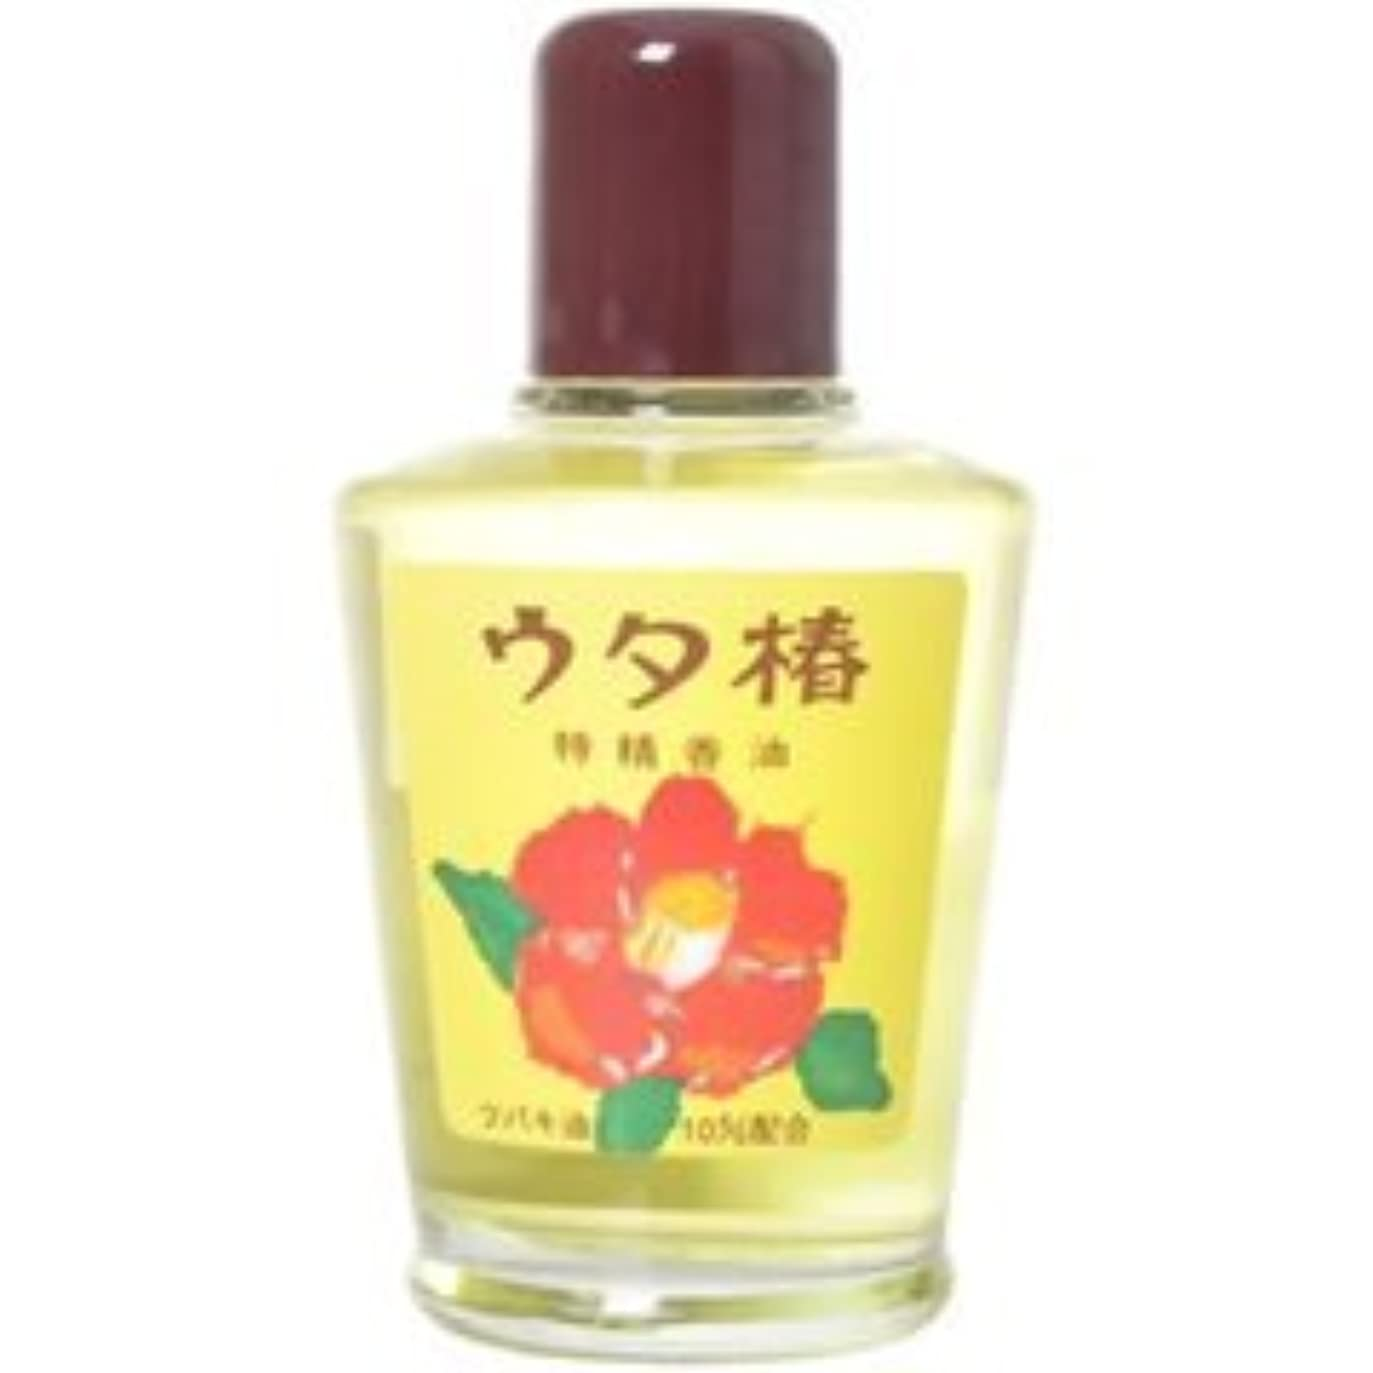 副コミット反応する【黒ばら本舗】うた椿香油 黄 95ml